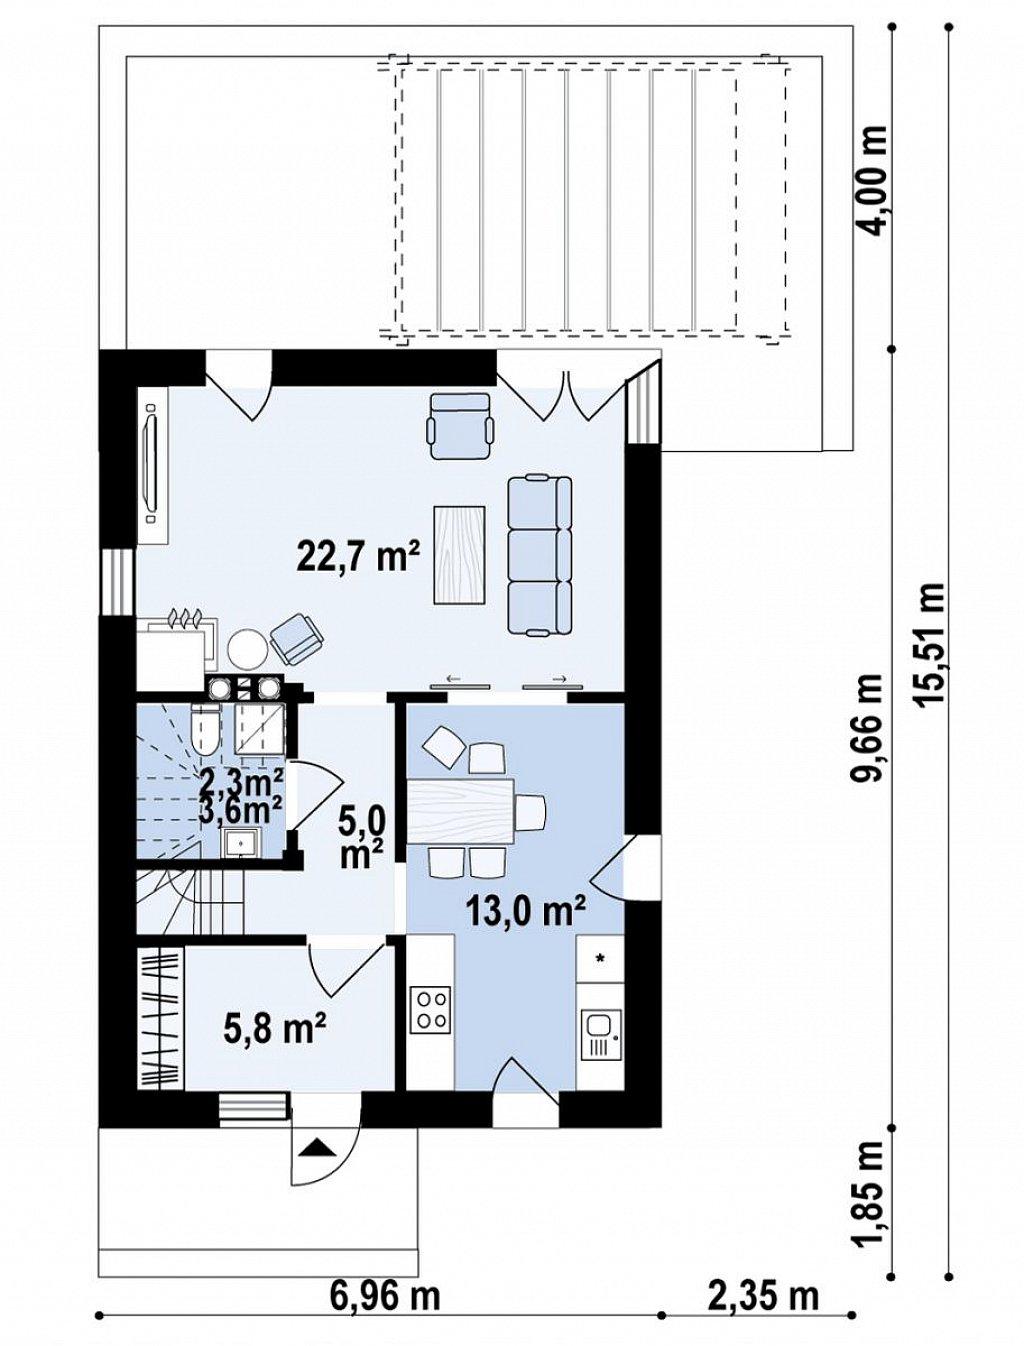 Современный проект дома с 3 спальнями план помещений 1